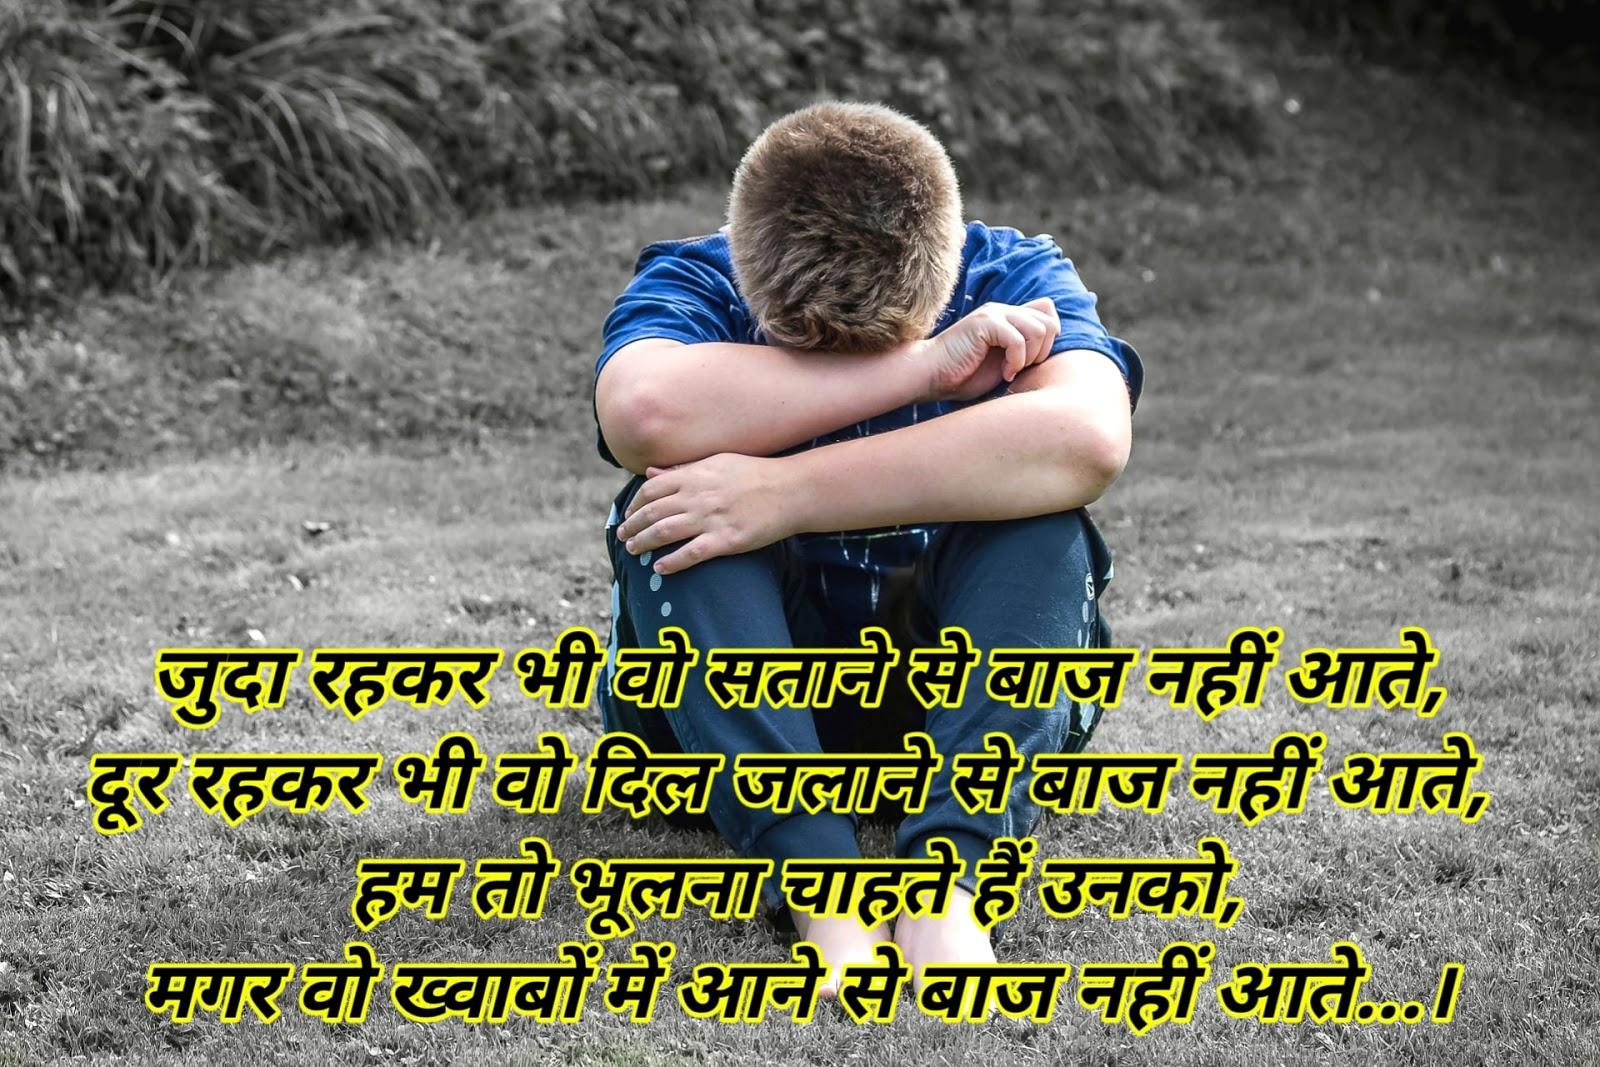 Sad love shayari for gf